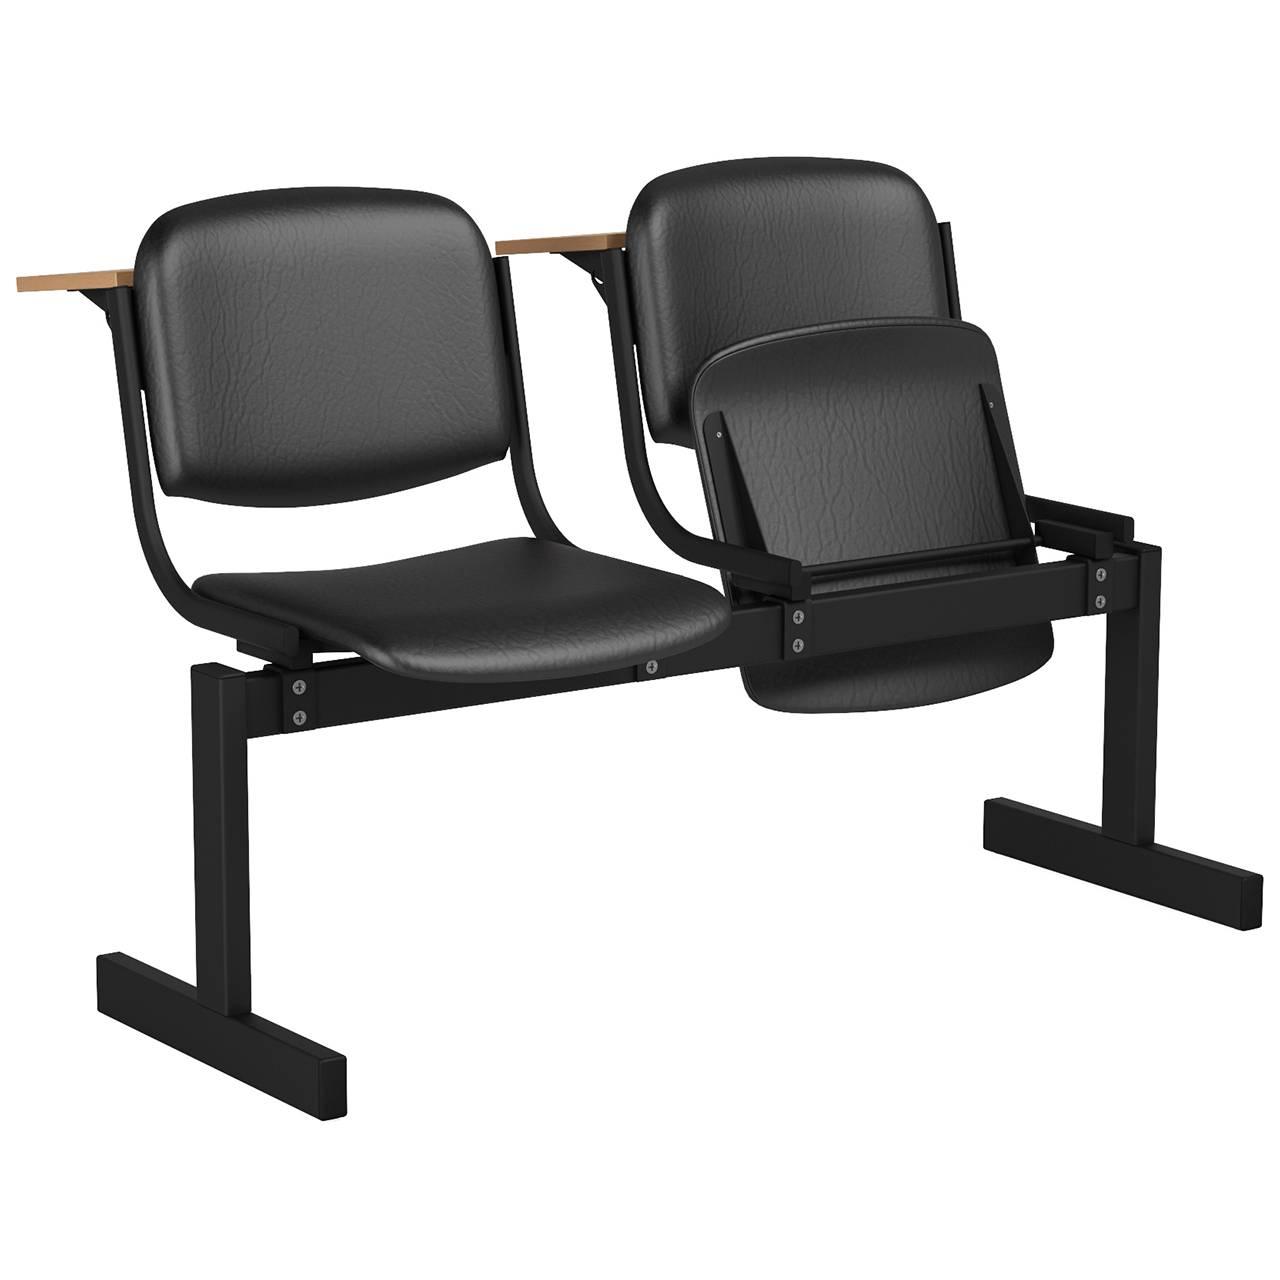 2-местный, откидывающиеся сиденья, мягкий, лекционный черный черный Кожзаменитель